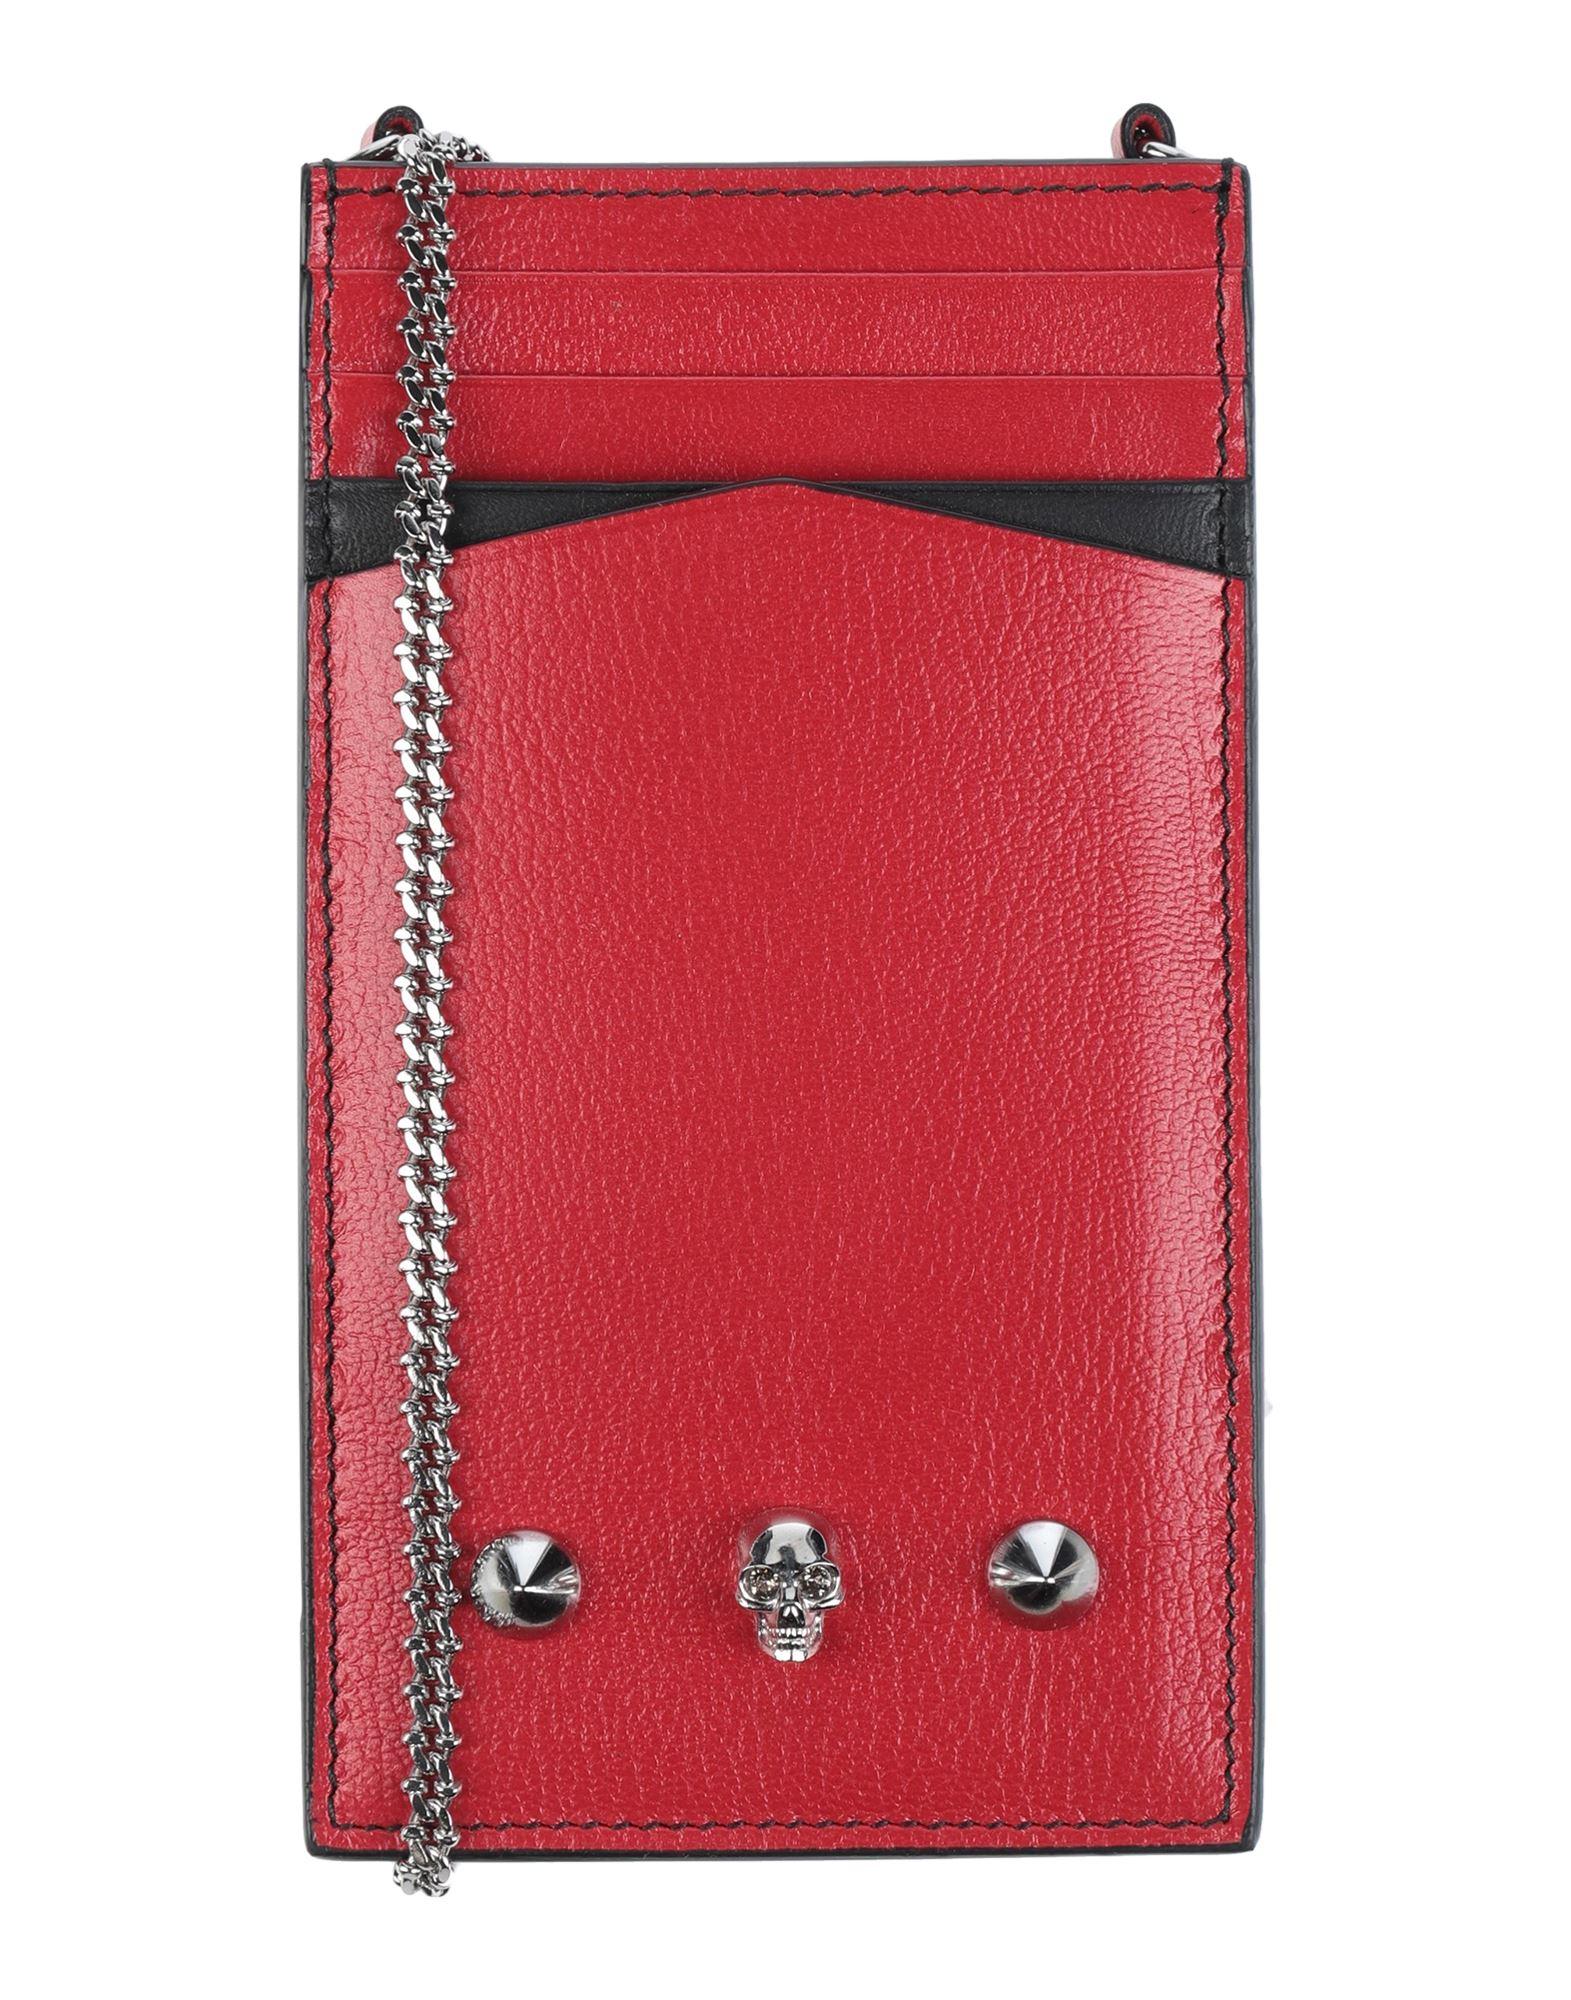 ALEXANDER MCQUEEN Covers & Cases - Item 58052401